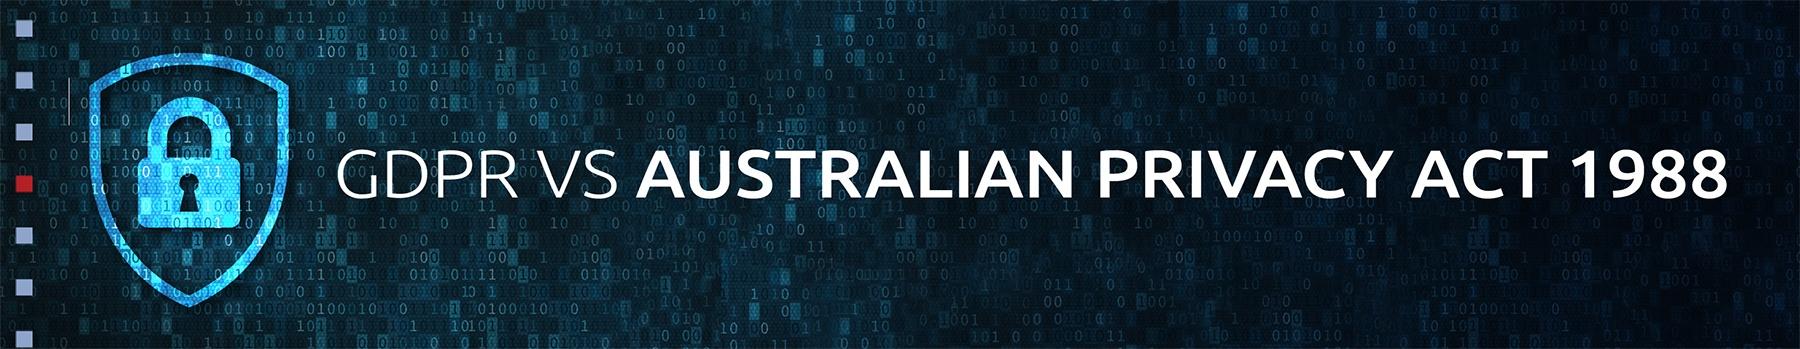 GDPR vs Australian Privacy Act 1988